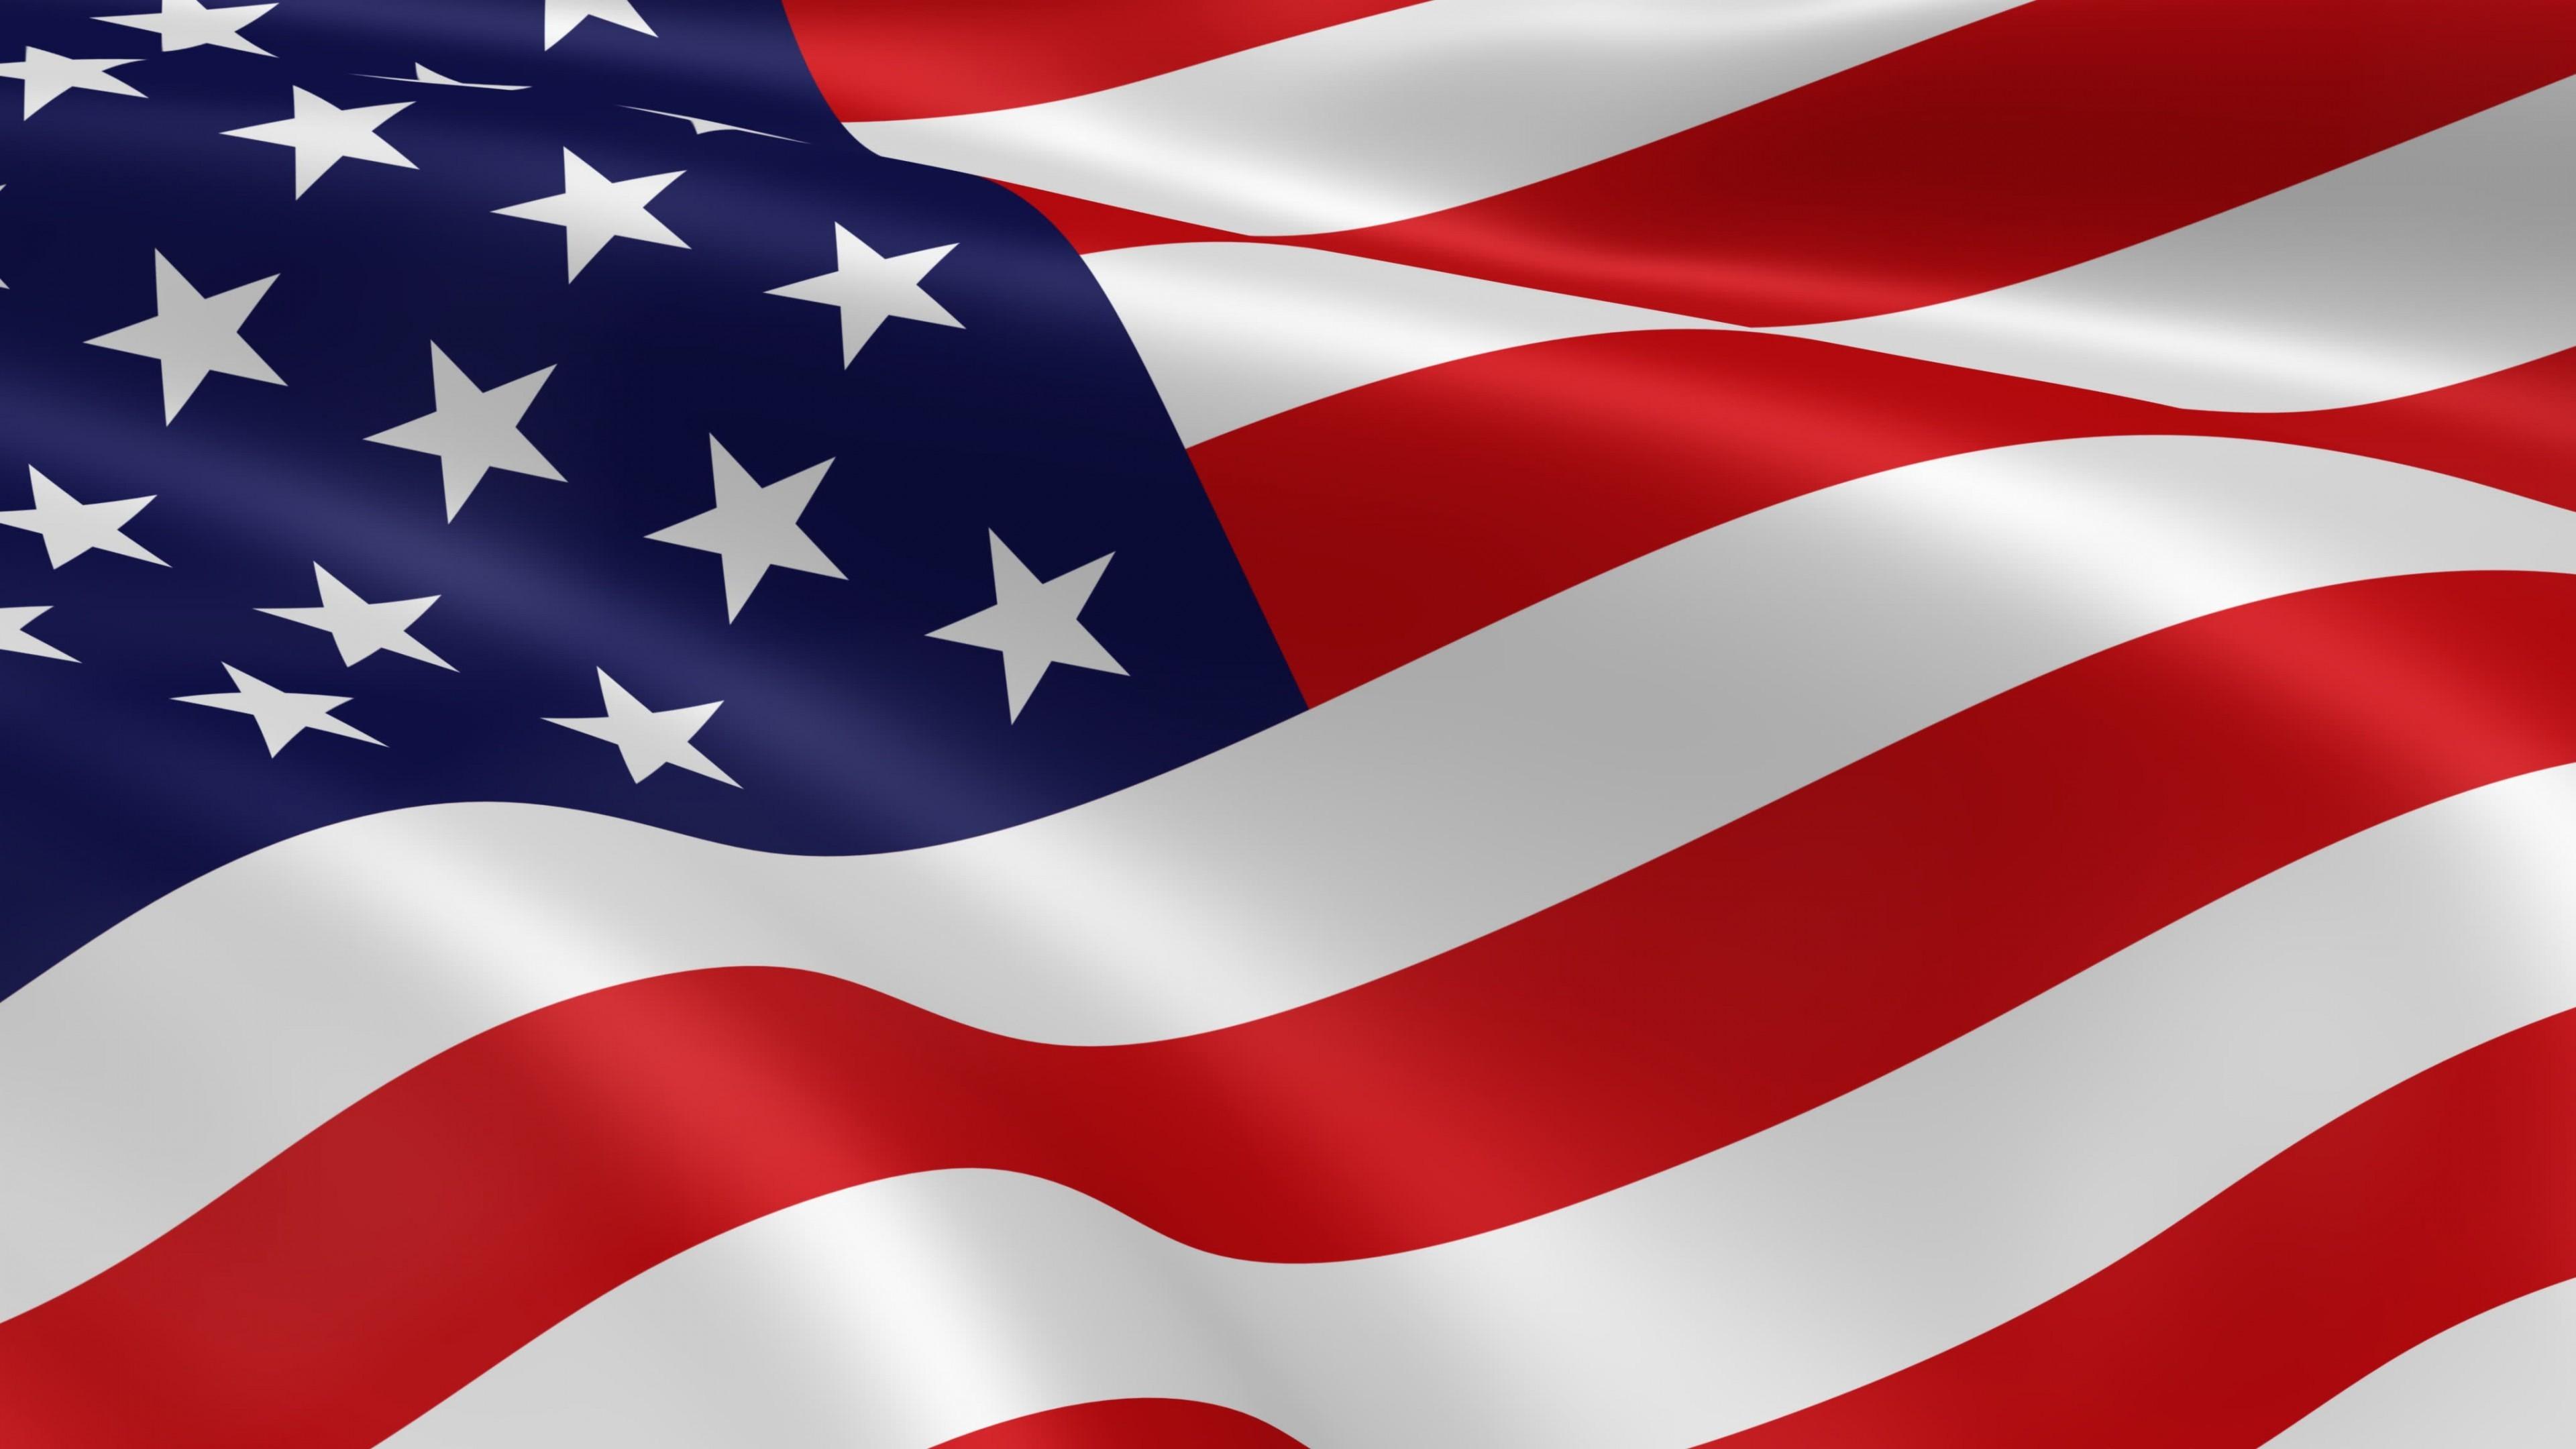 1024×768 1280×720 1280×800 1366×768 1440×900 1600×900 1680×1050 1920×1080  1920×1200 2560×1440 2880×1800 3840×2160. Tags: USA Flag …